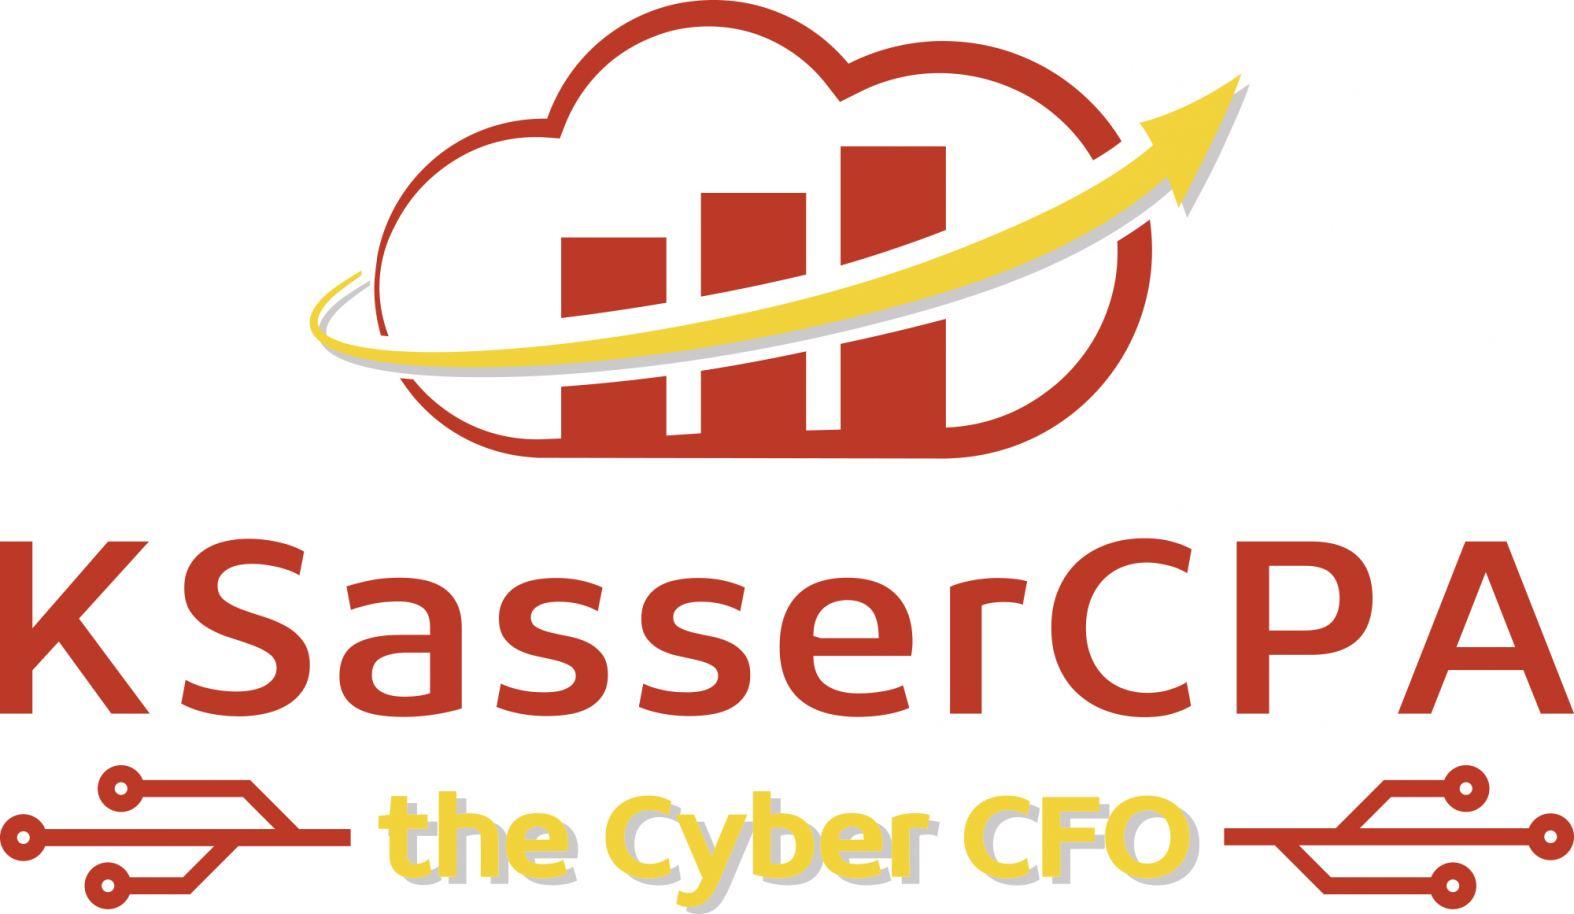 ksassercpa-cybercfo Logo